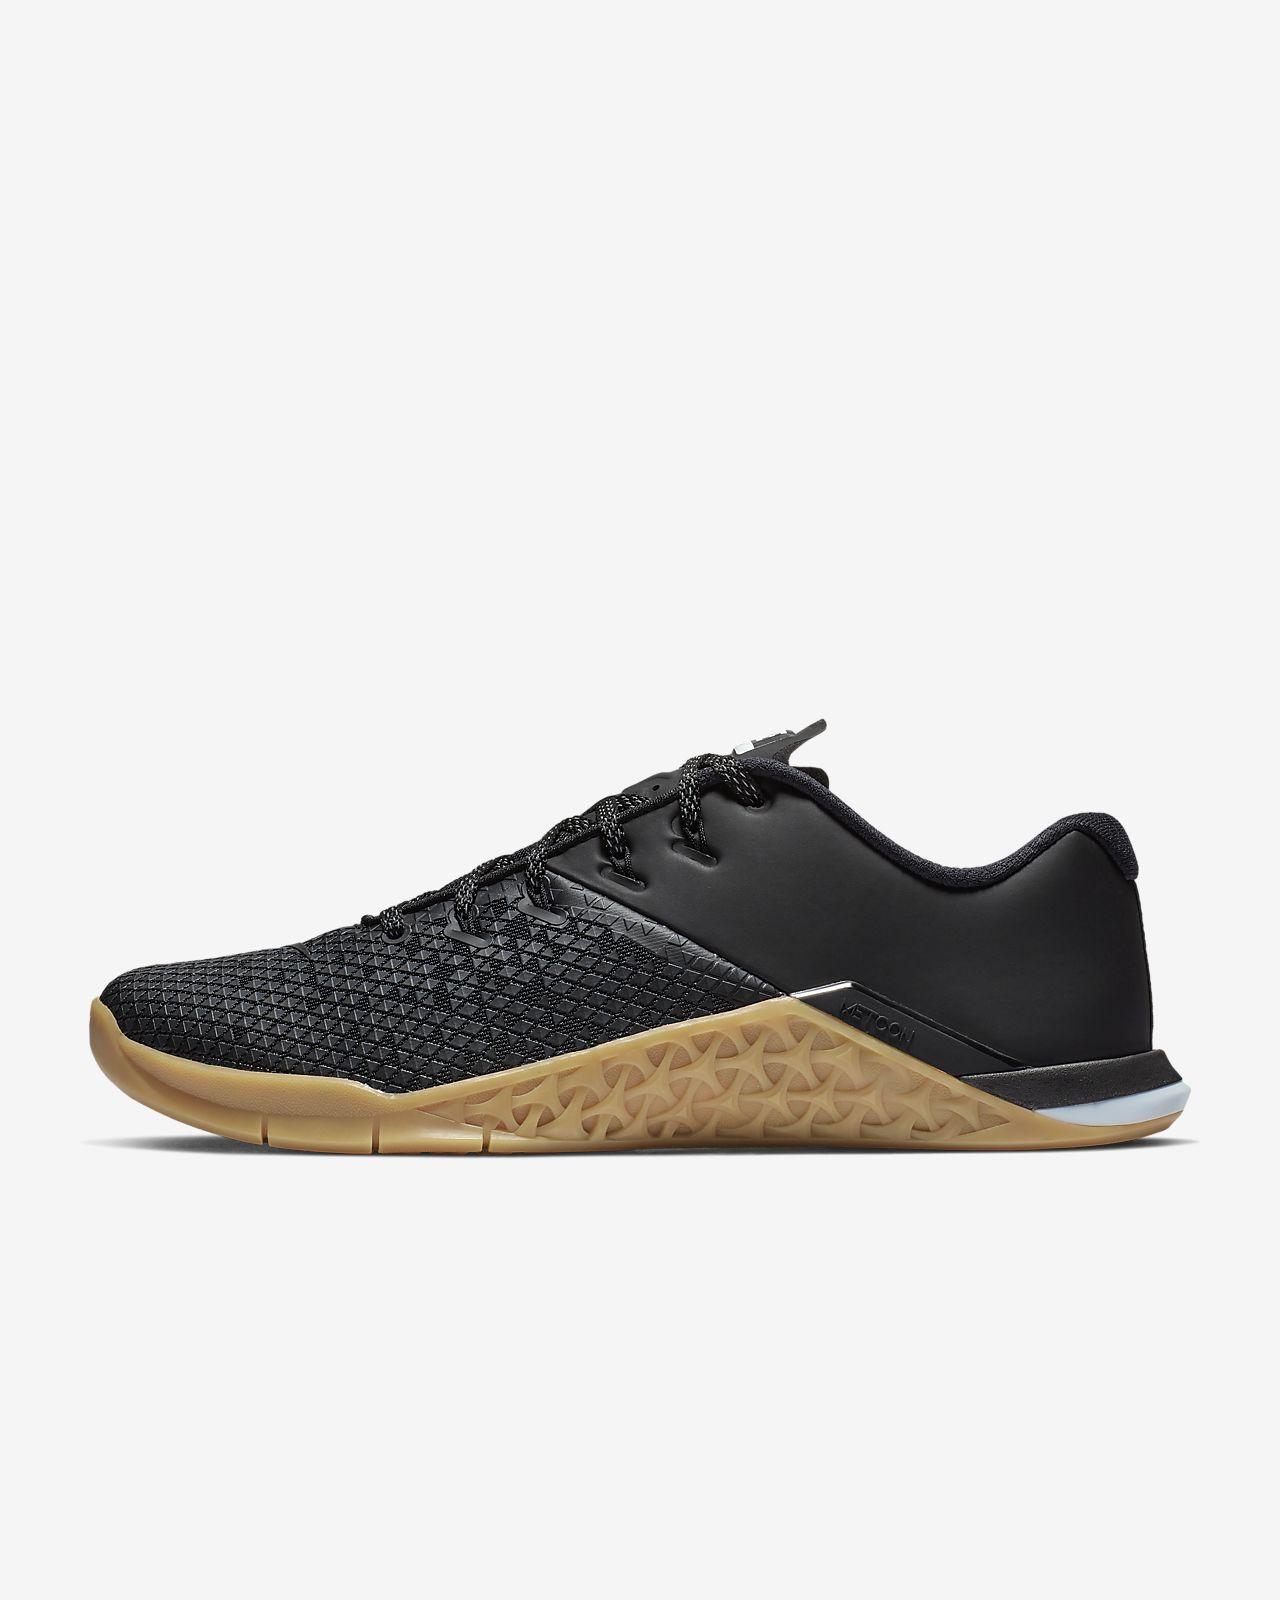 Nike Metcon 4 XD X Chalkboard Zapatillas de cross training y levantamiento de pesas - Hombre